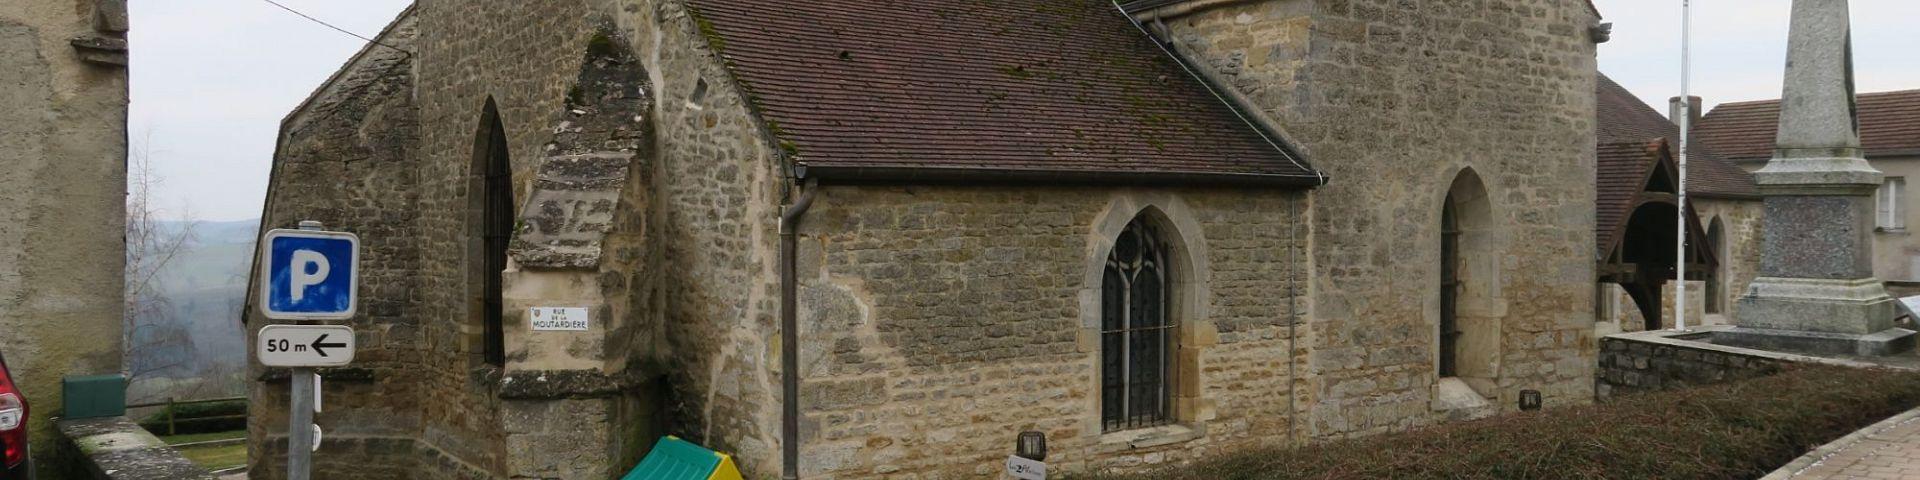 Sombernon - Eglise de la Nativité (21)